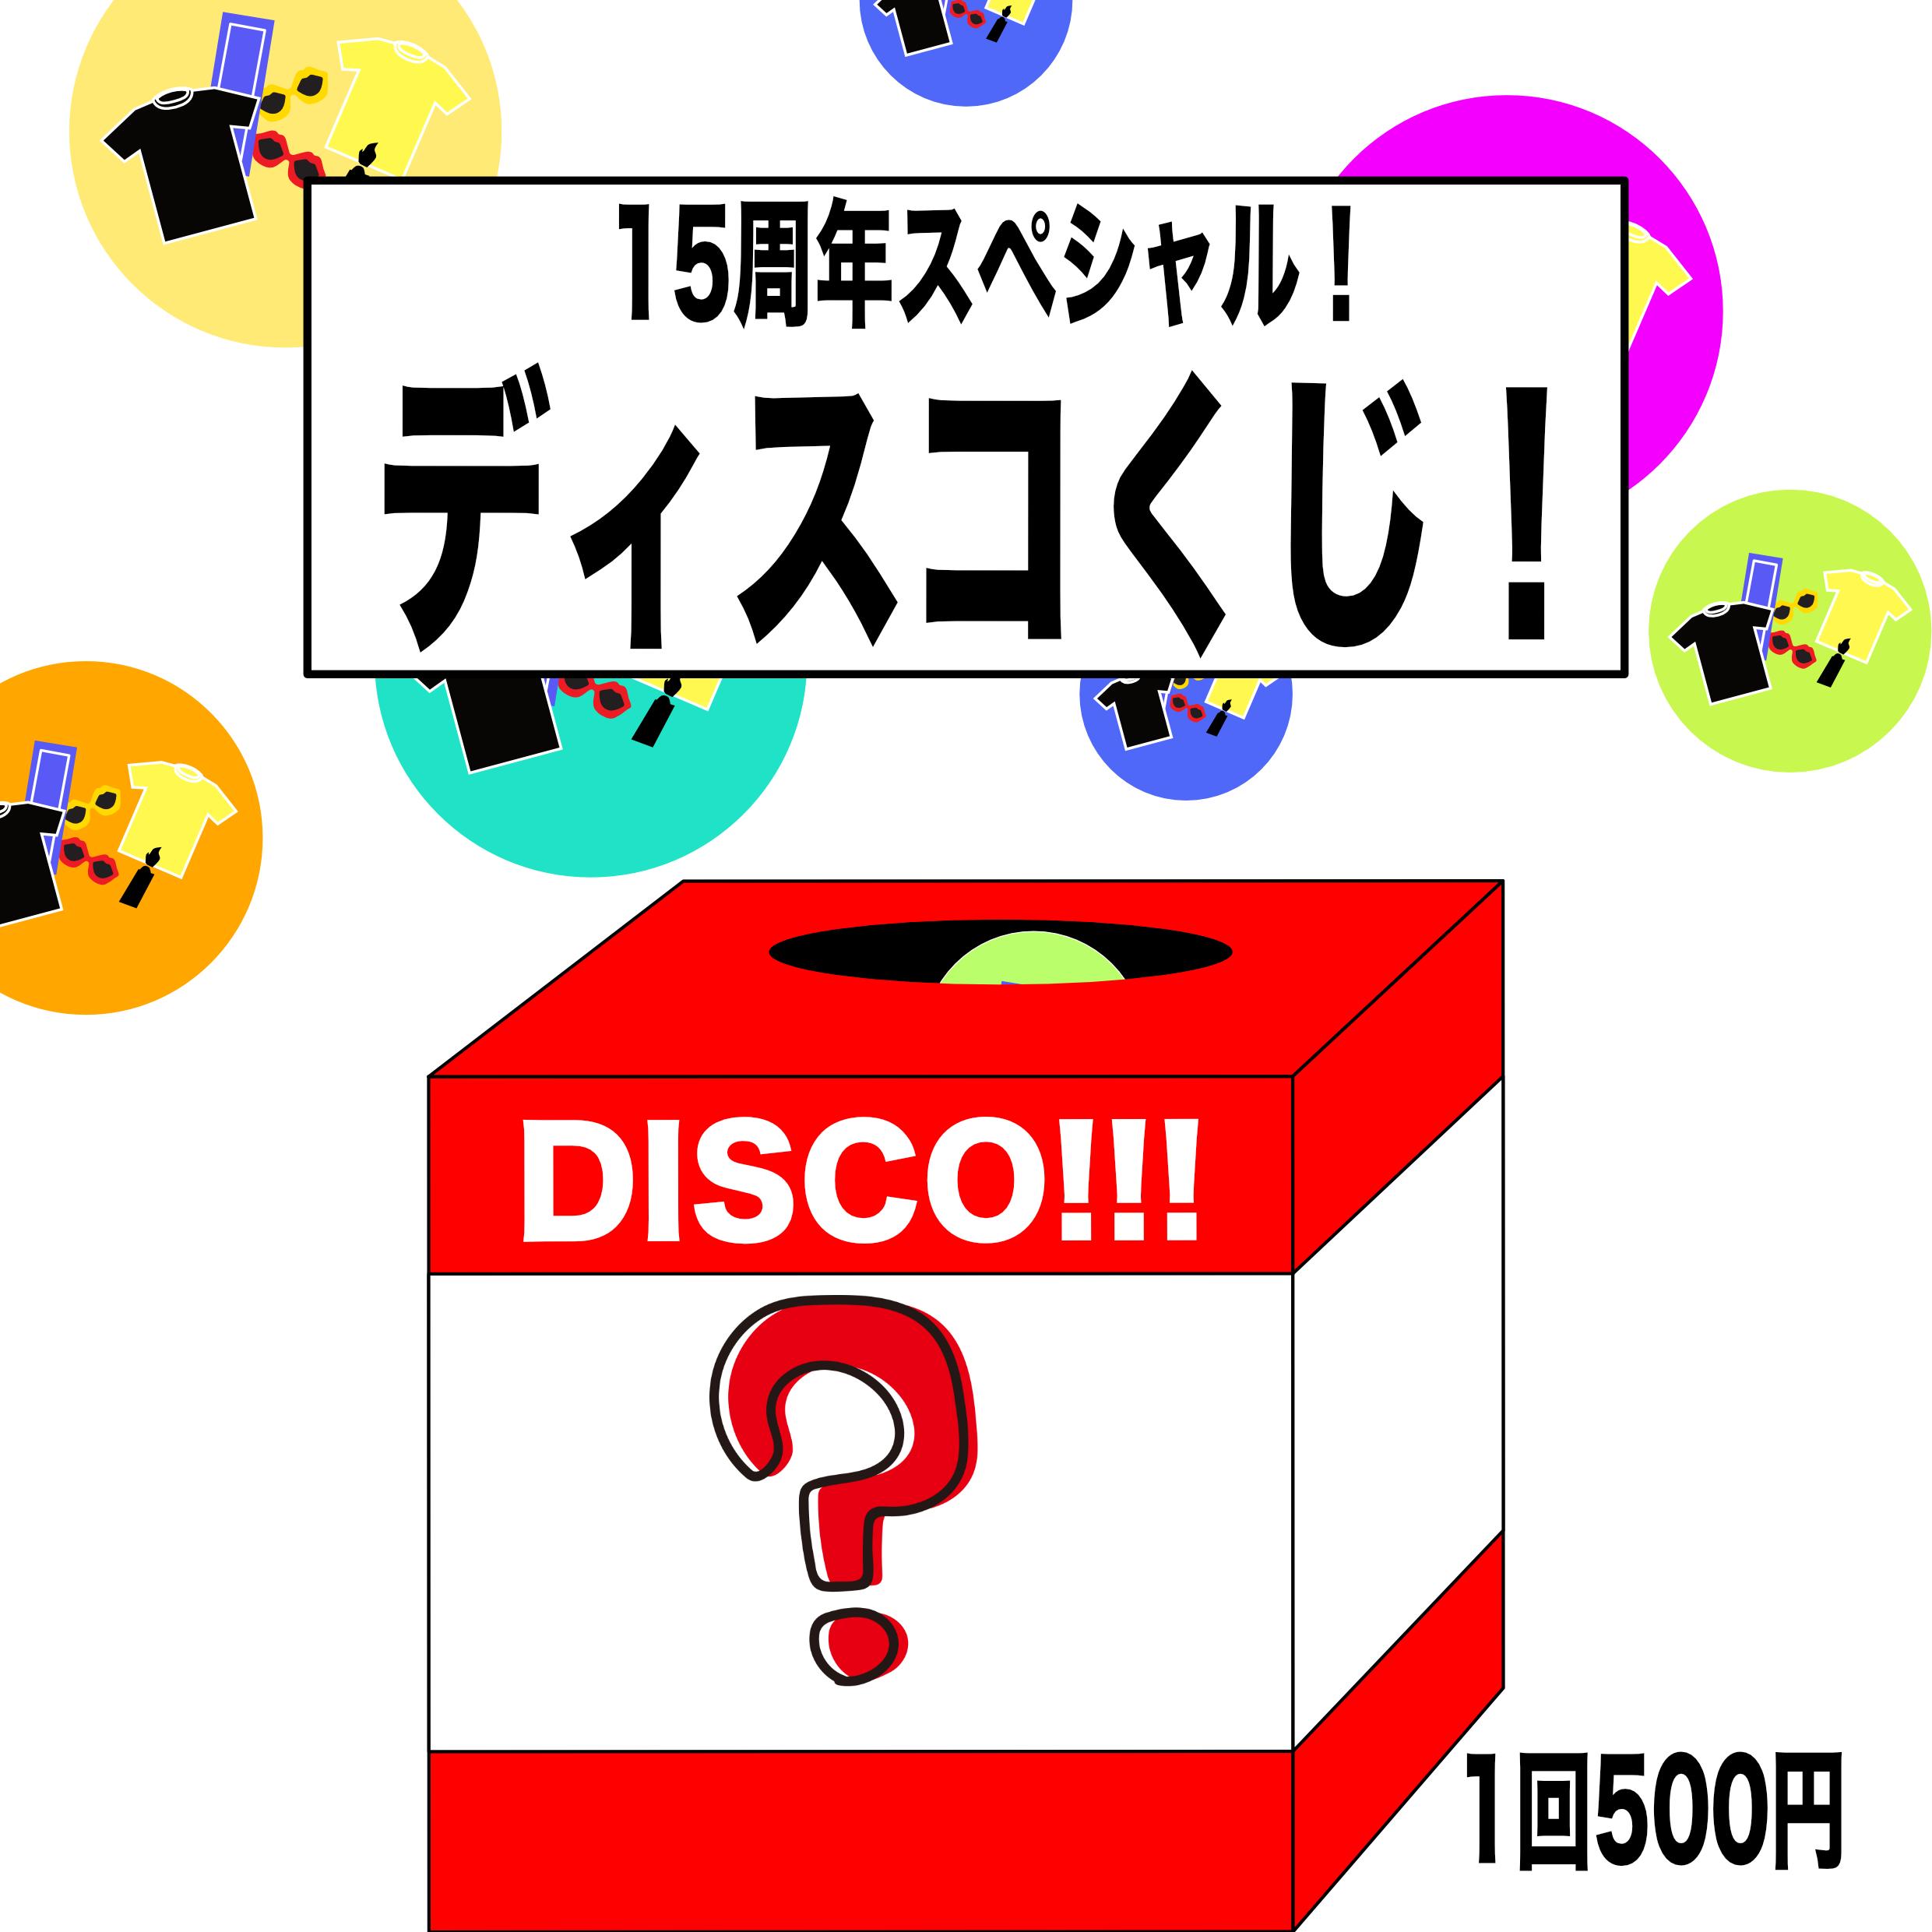 15周年スペシャル!ディスコくじ